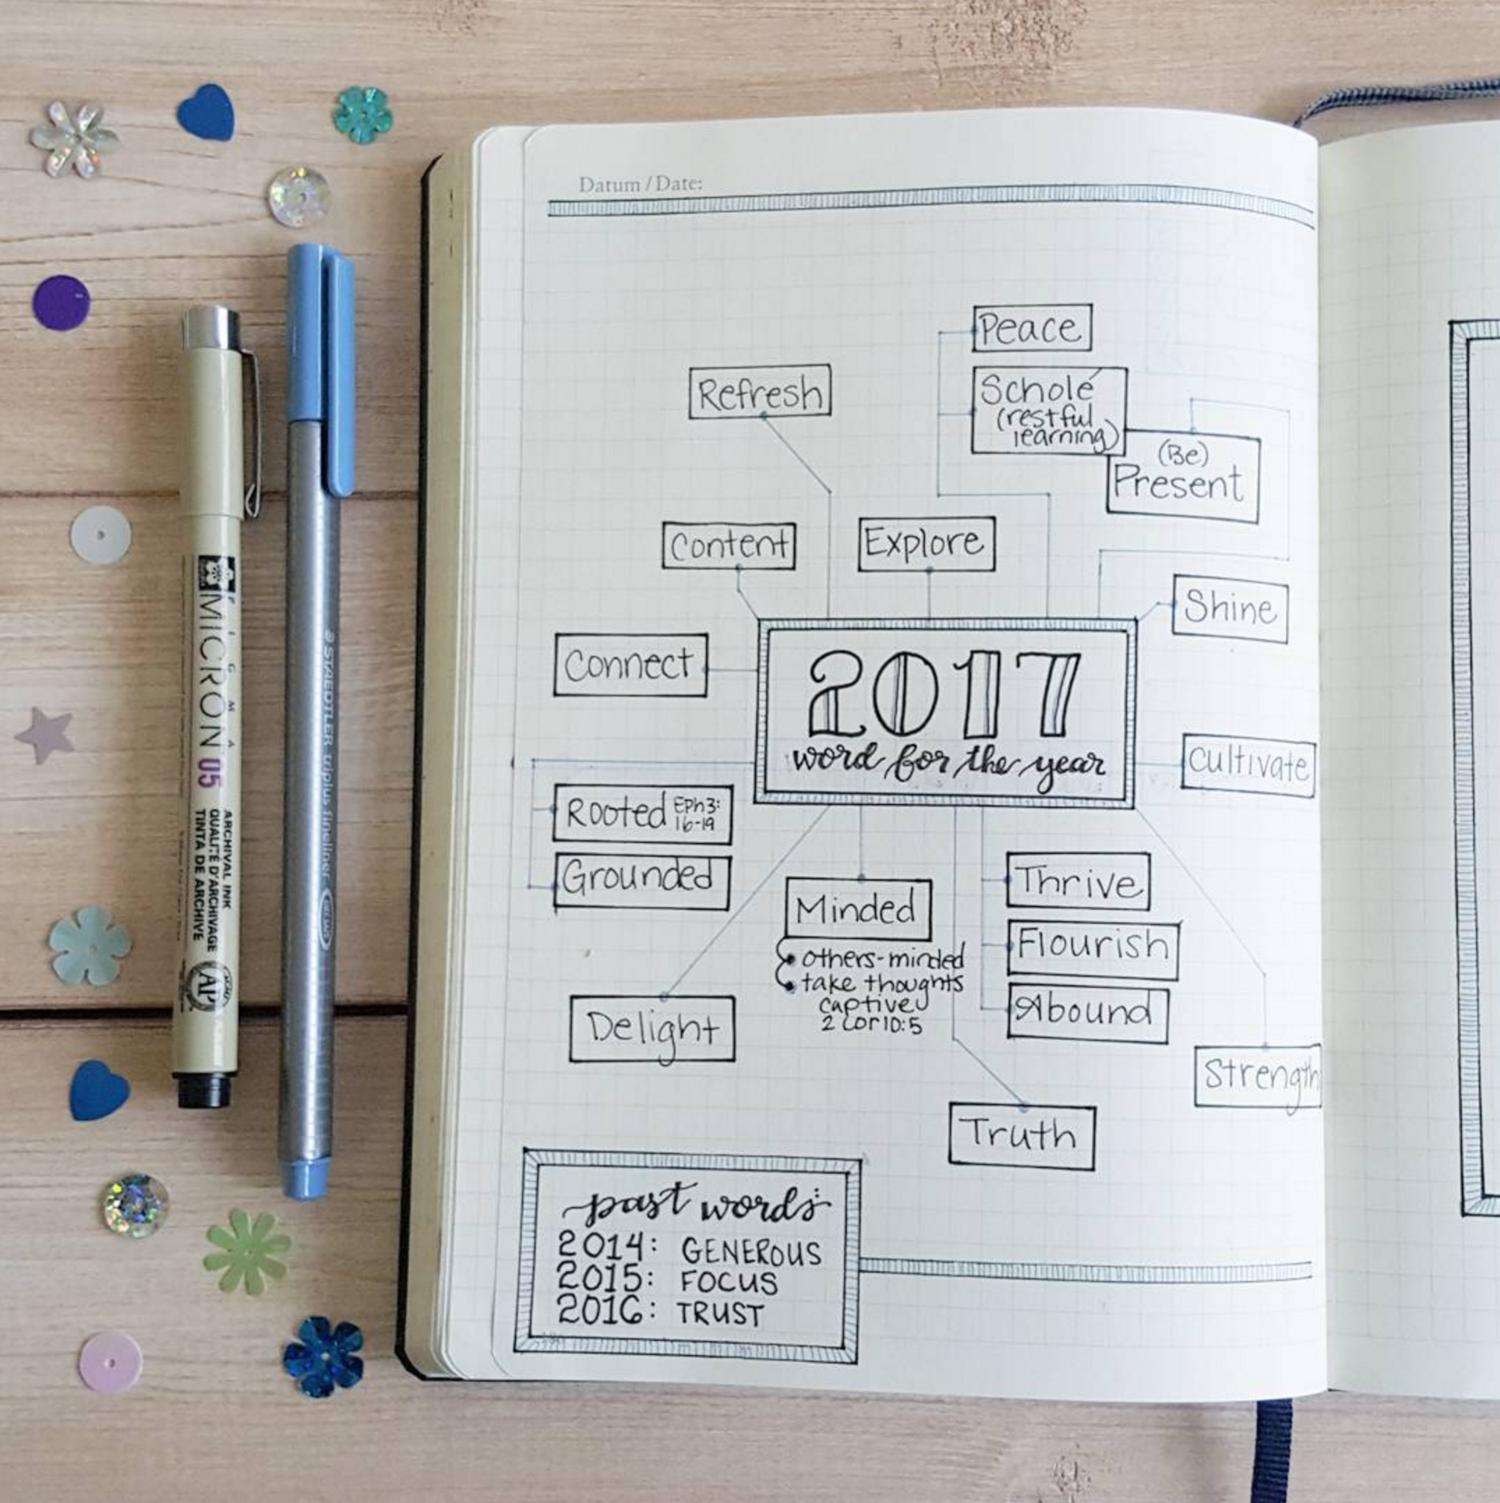 نقشه ذهنی اهداف سال در بولت ژورنال